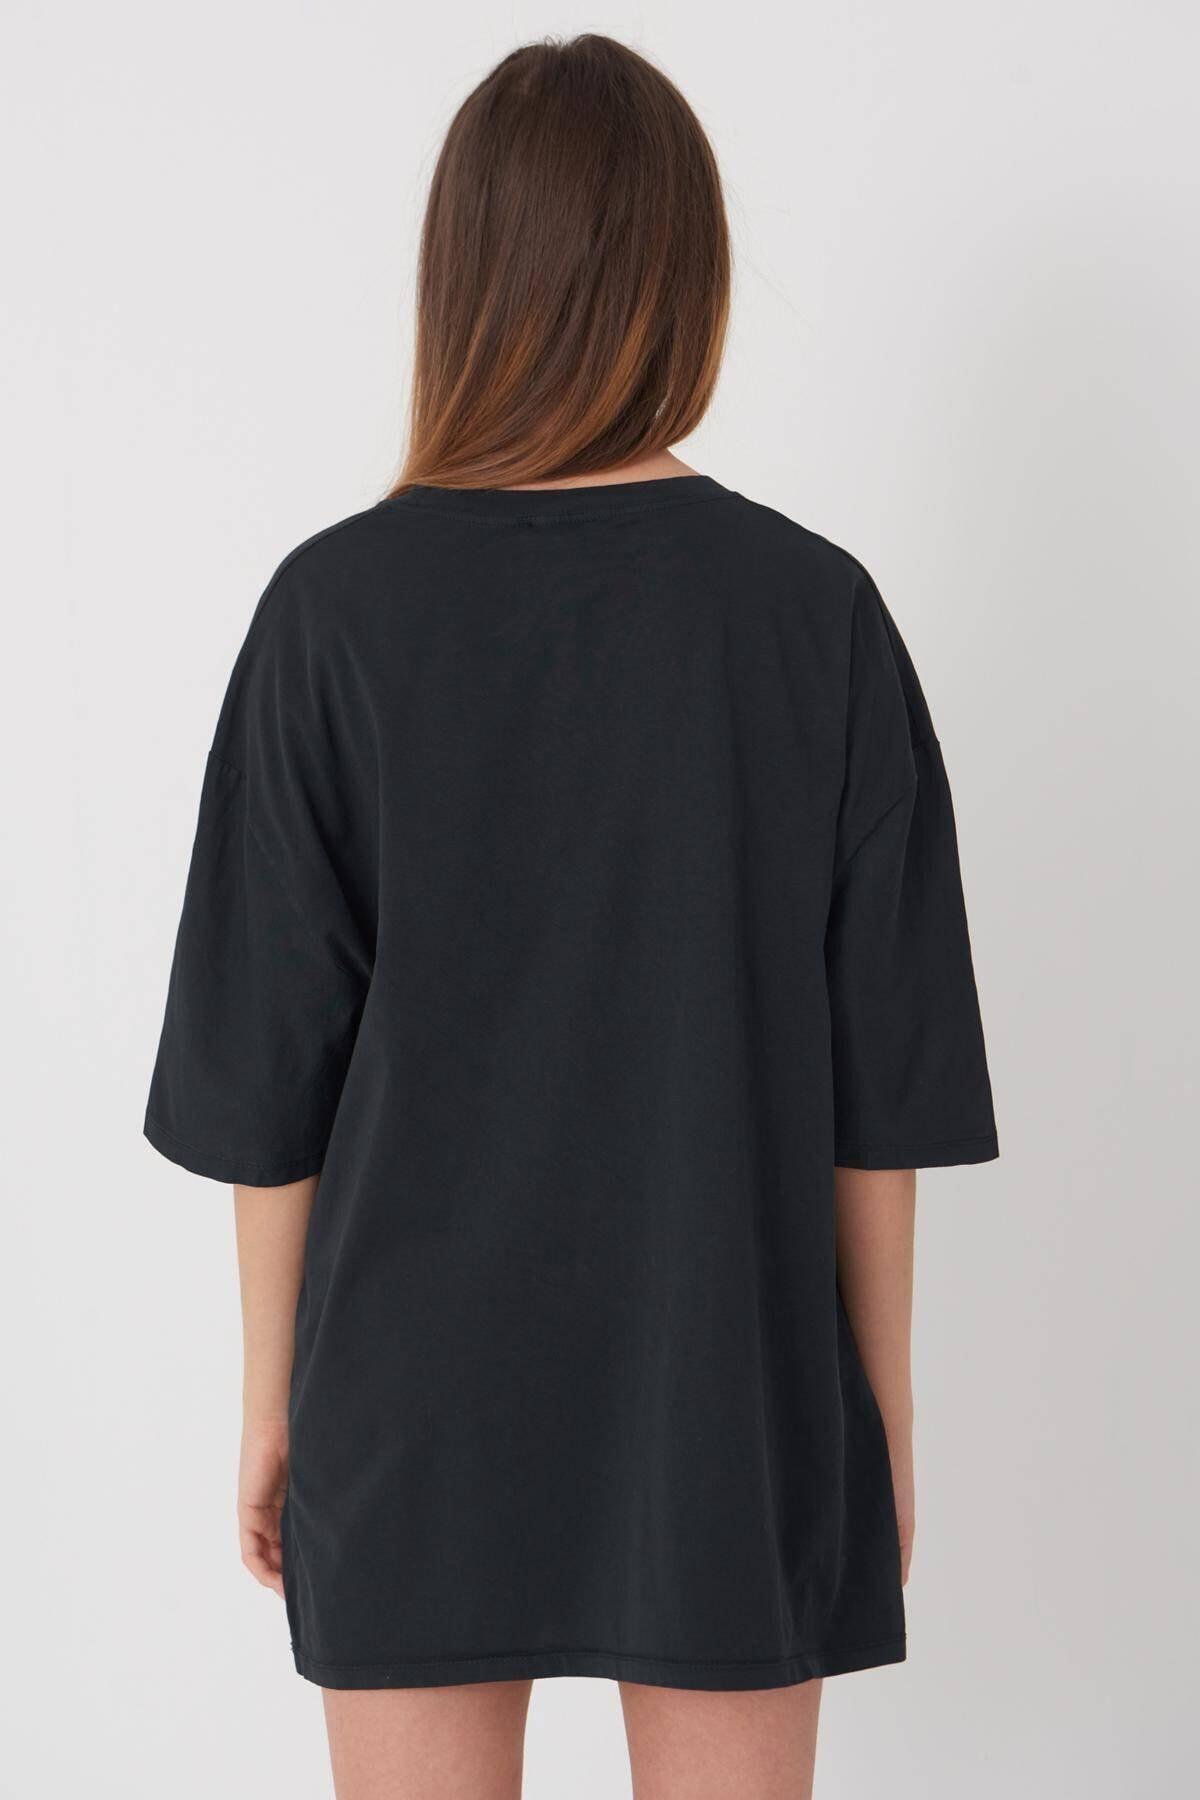 Addax Baskılı T-shirt P9396 - C11 4